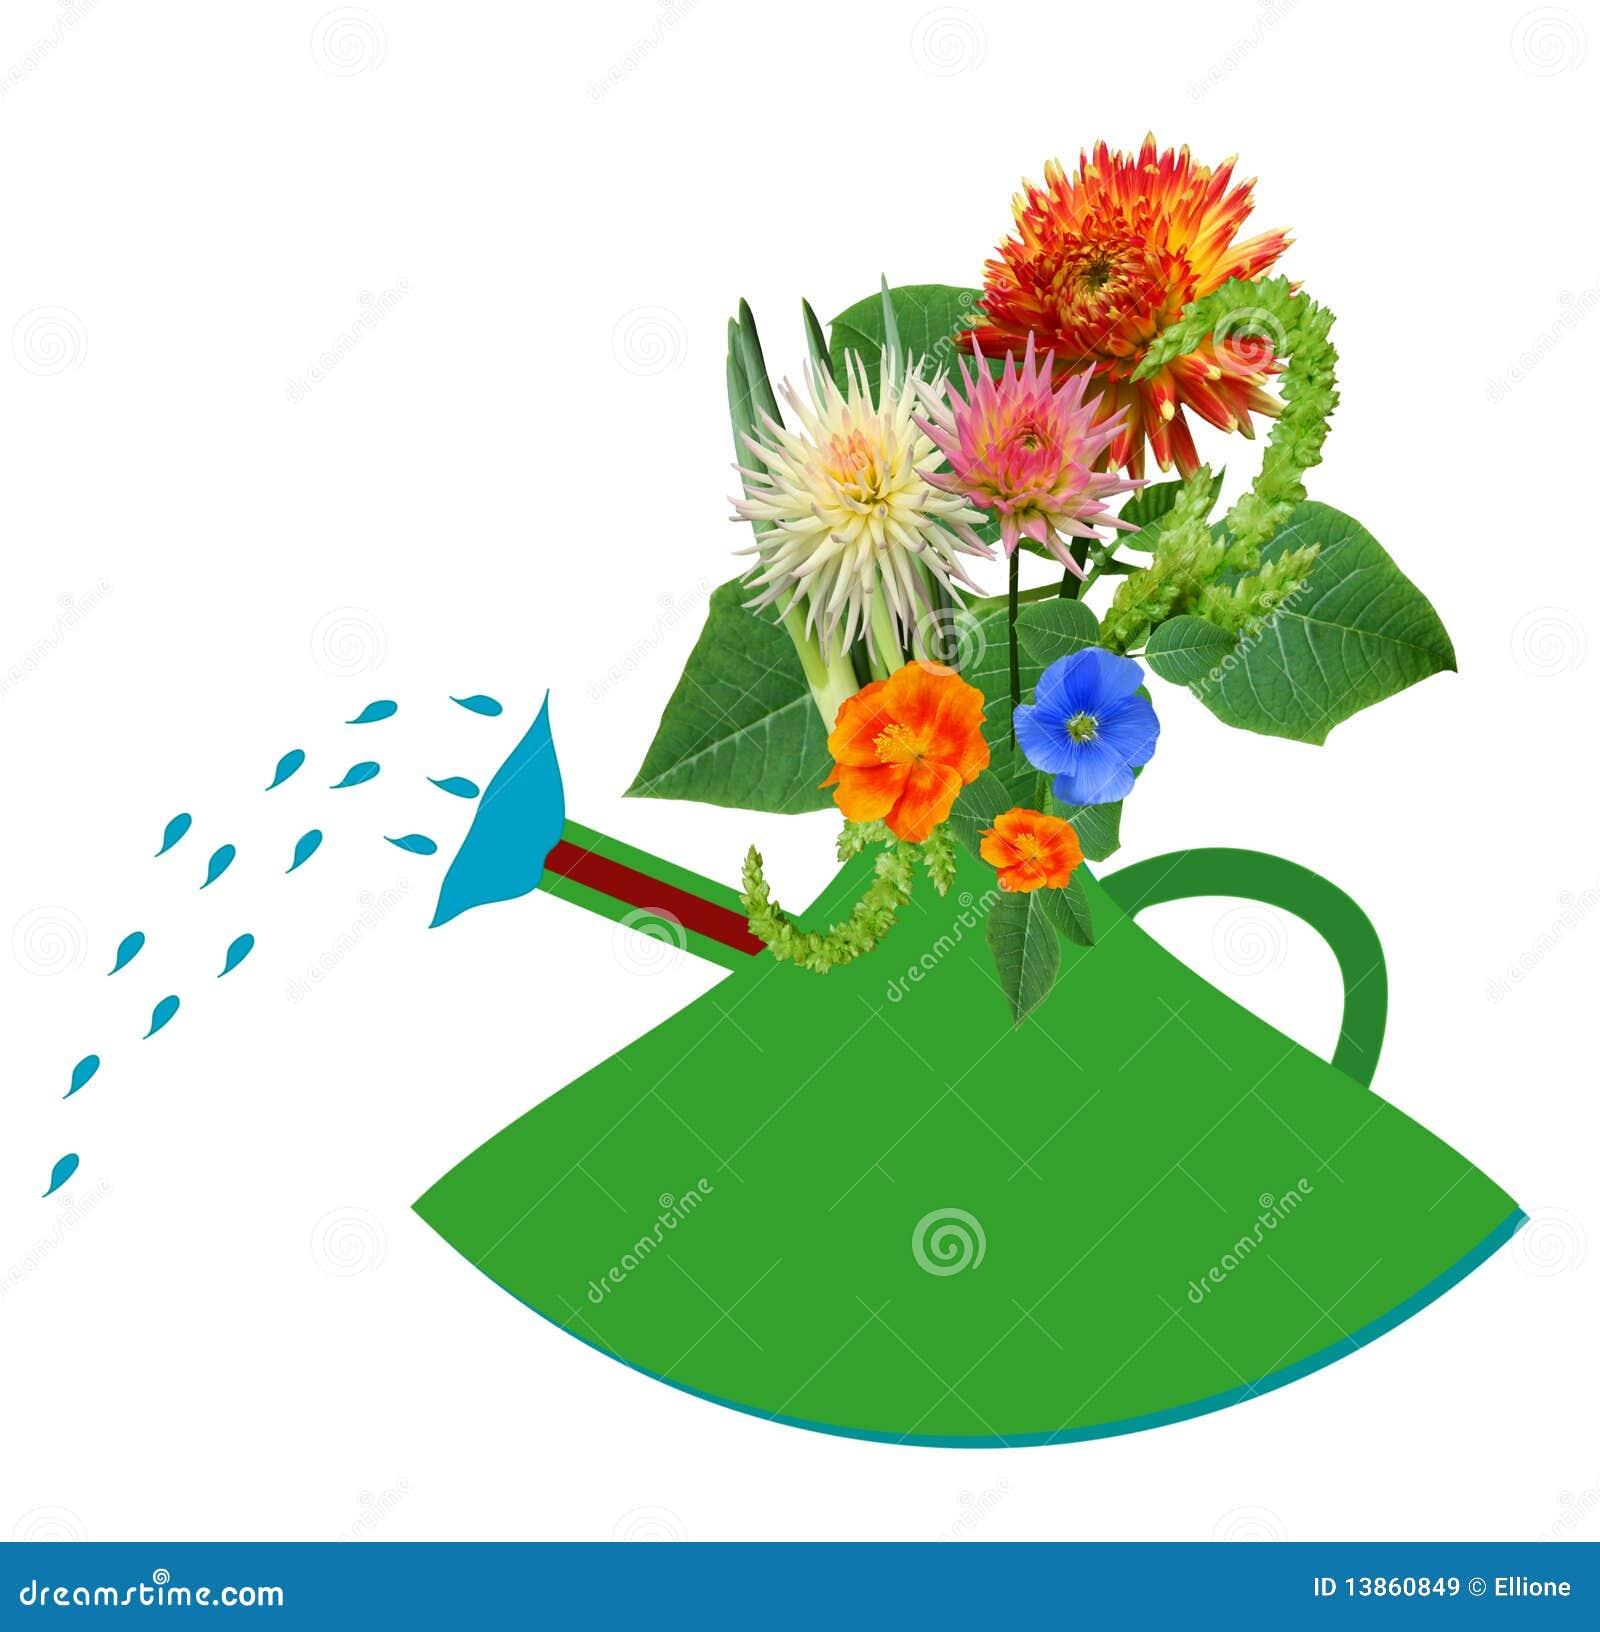 arrosage de jardin et fleurs sous tension images libres de droits image 13860849. Black Bedroom Furniture Sets. Home Design Ideas